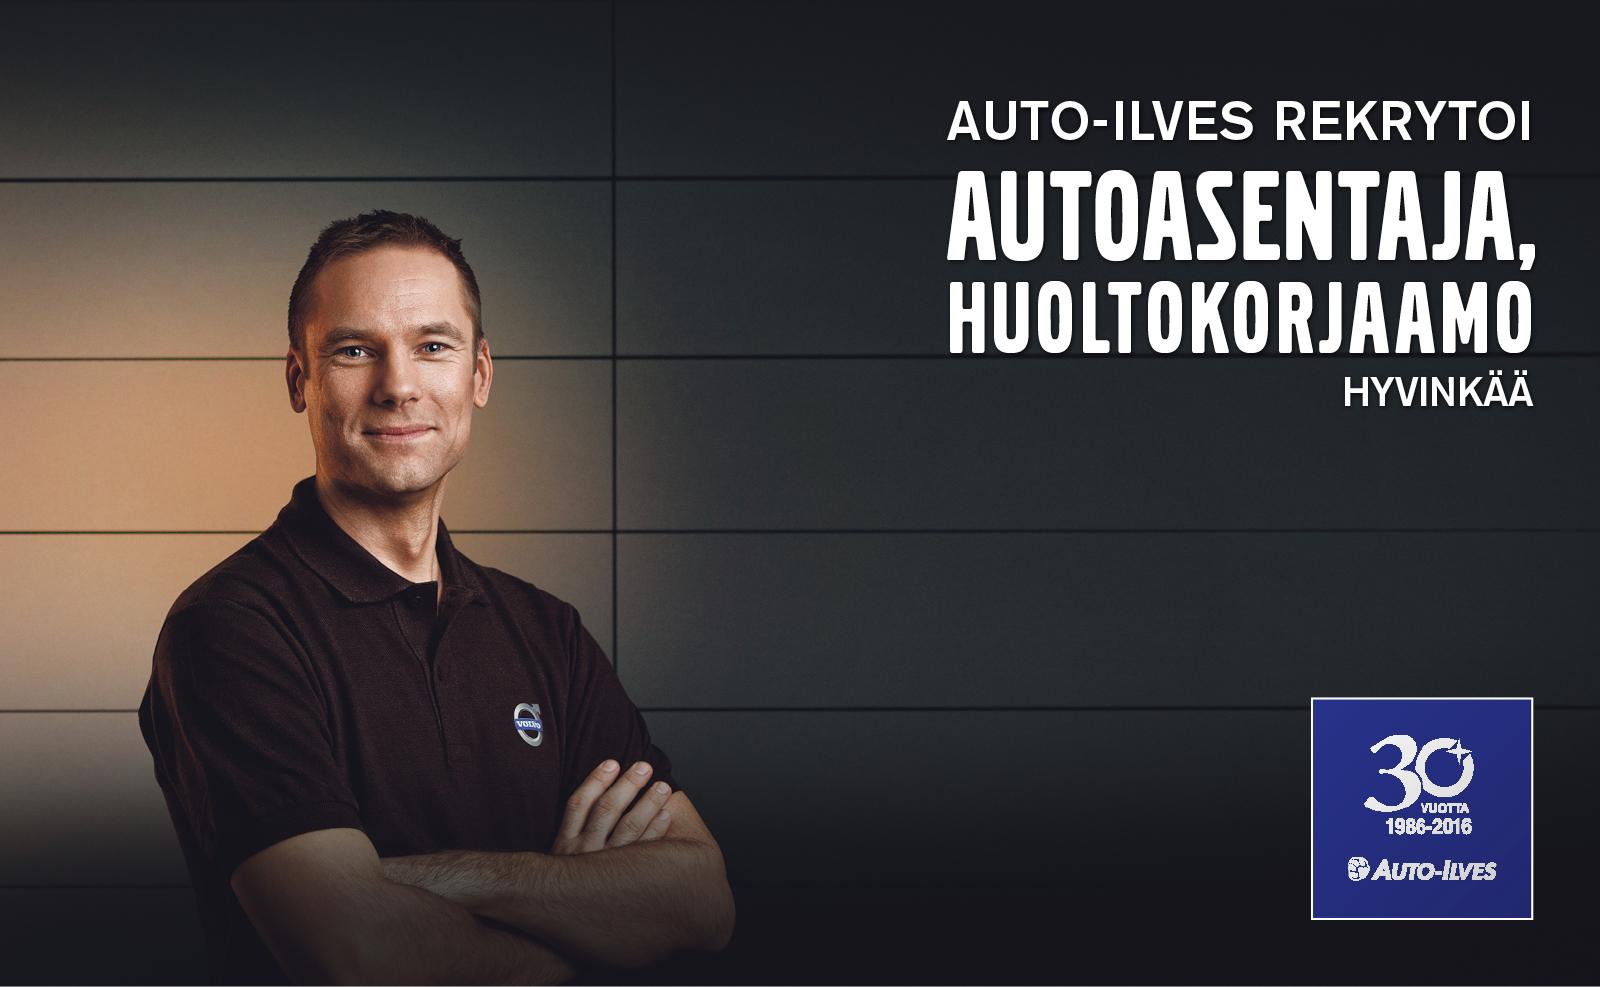 Autonasentaja Hyvinkää 071216